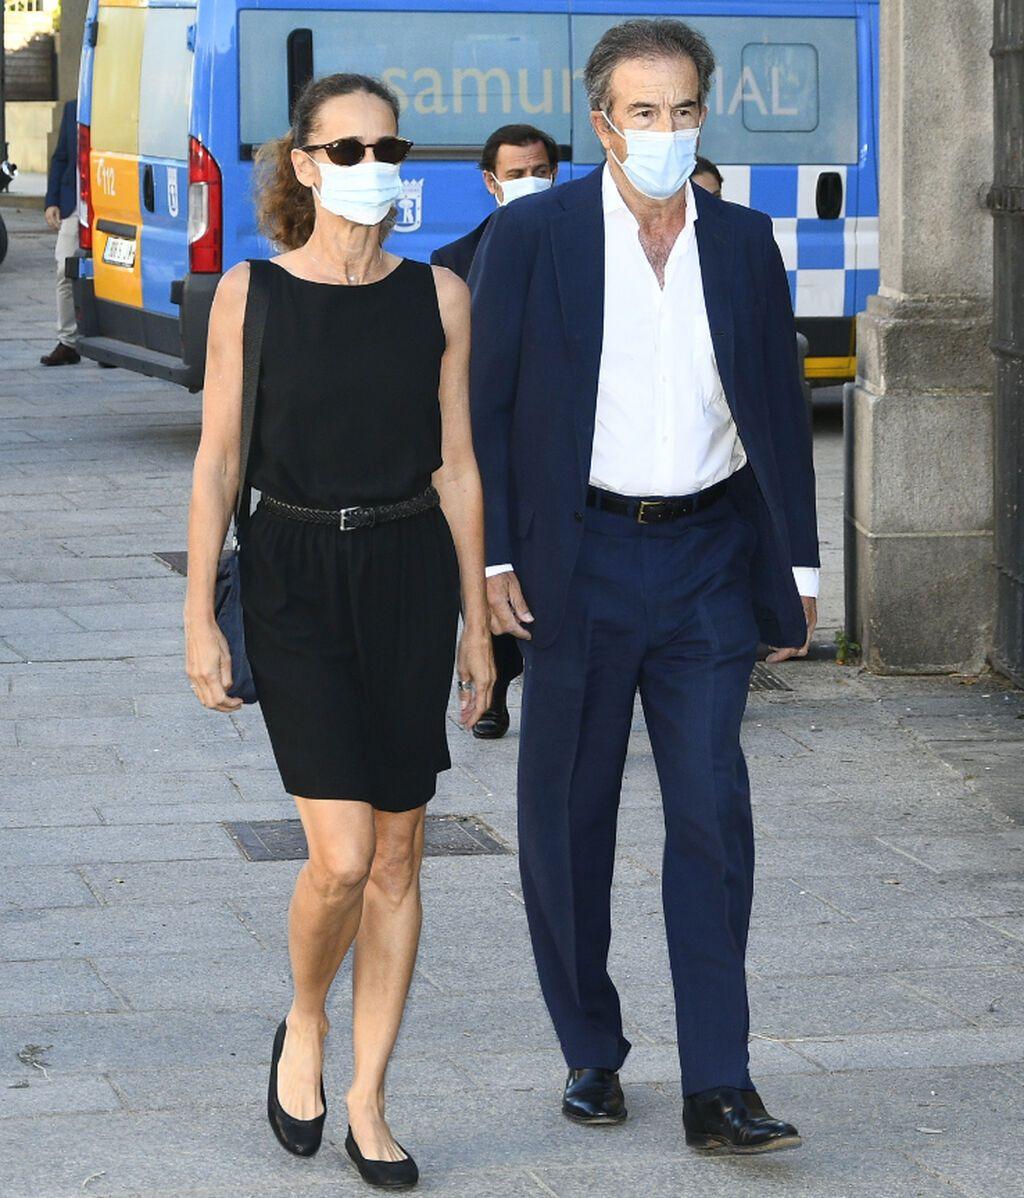 Blanca Suelves y su marido, Ioannes Osorio, a su entrada a la Real Basílica de Francisco el Grande